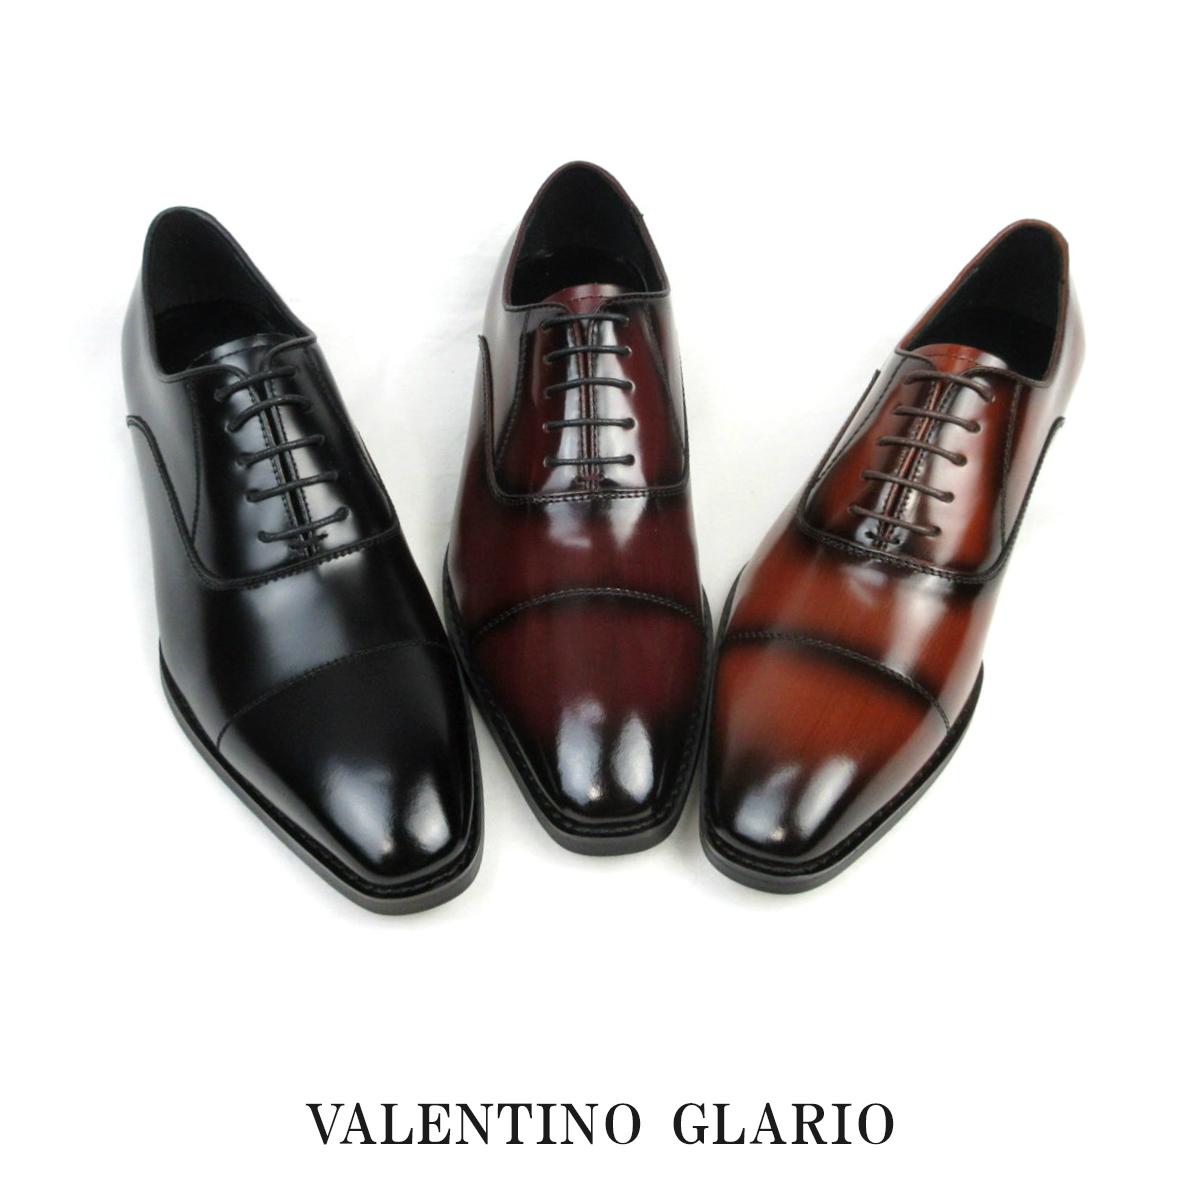 日本製 本革 内羽根 ストレートチップ メンズ ドレス&ビジネスシューズ 3E 撥水加工 手染めカラー 紳士靴 Valentino Glario - バレンチノグラリオ 4900 sale セール